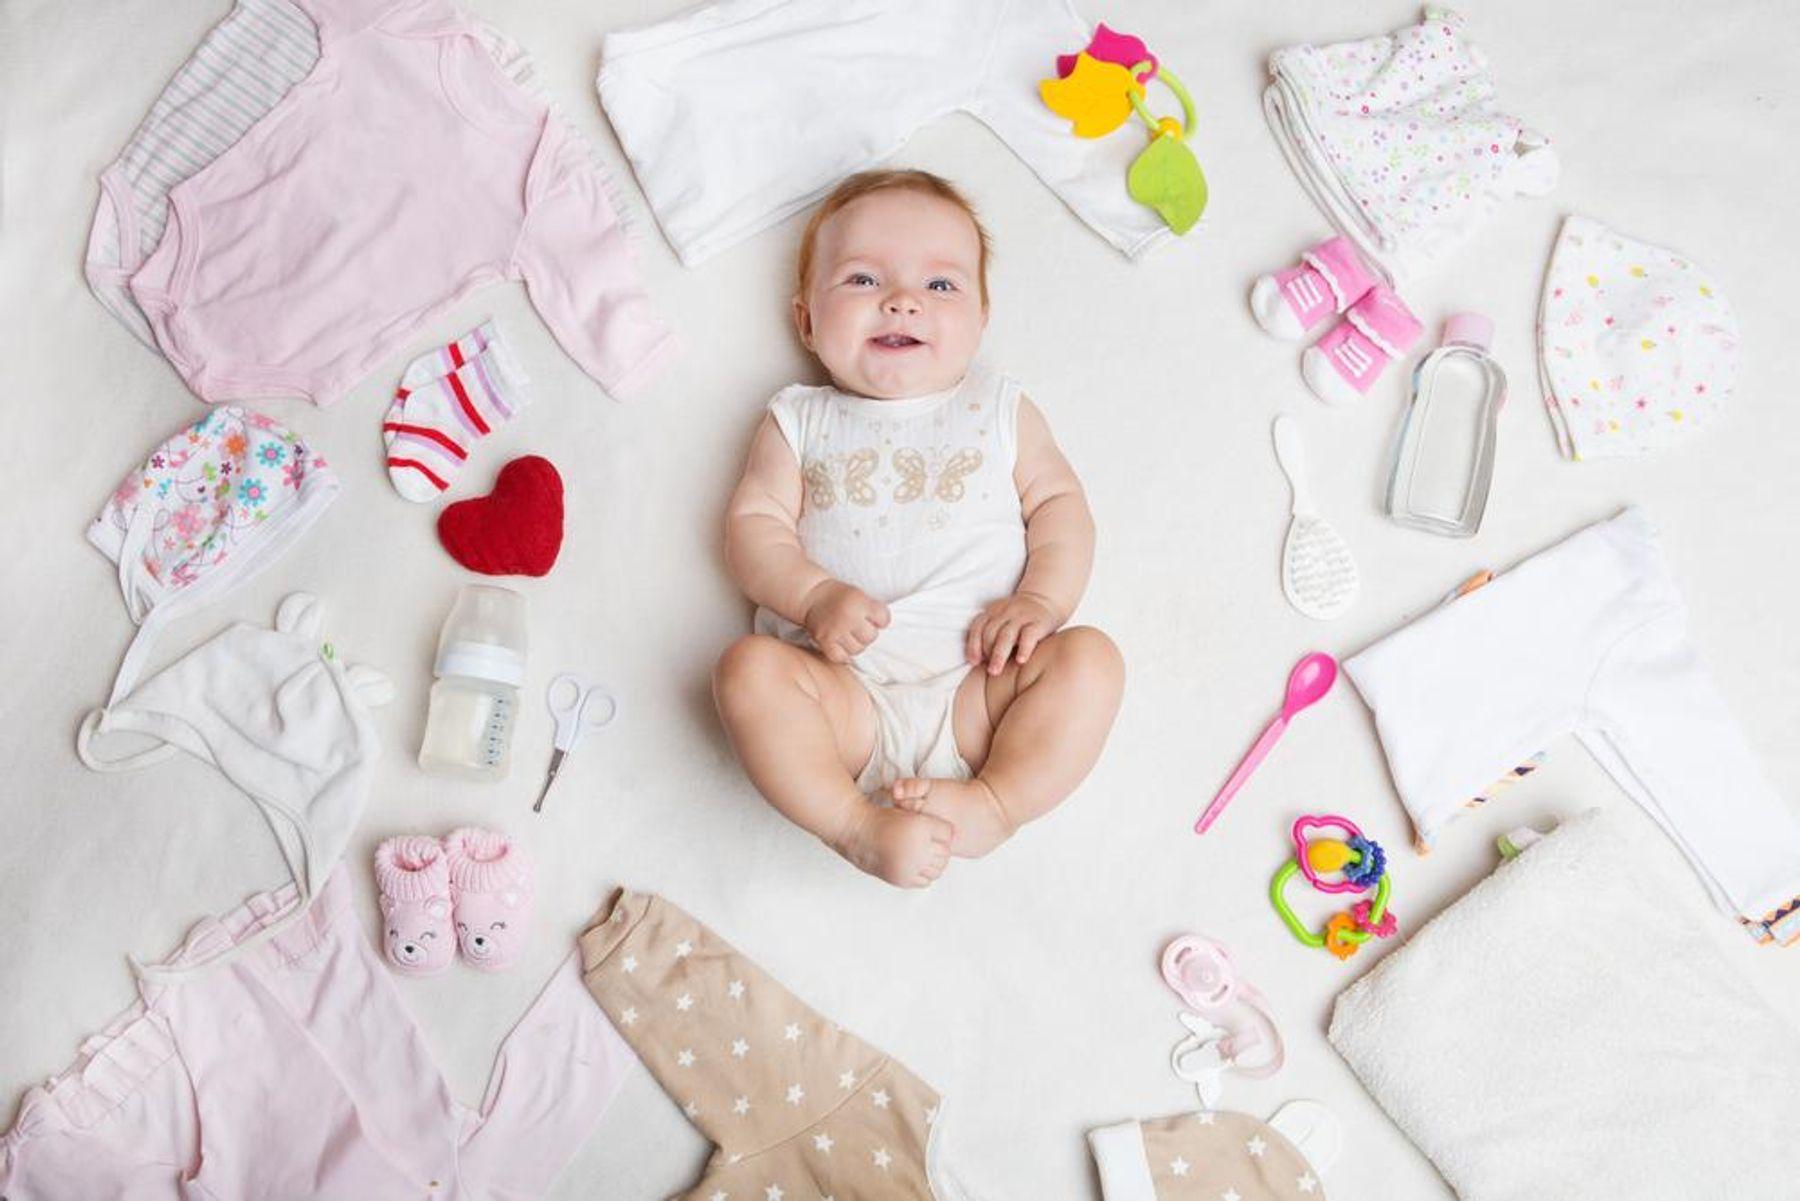 Quần áo cho bé - đồ dùng cho trẻ sơ sinh không thể thiếu